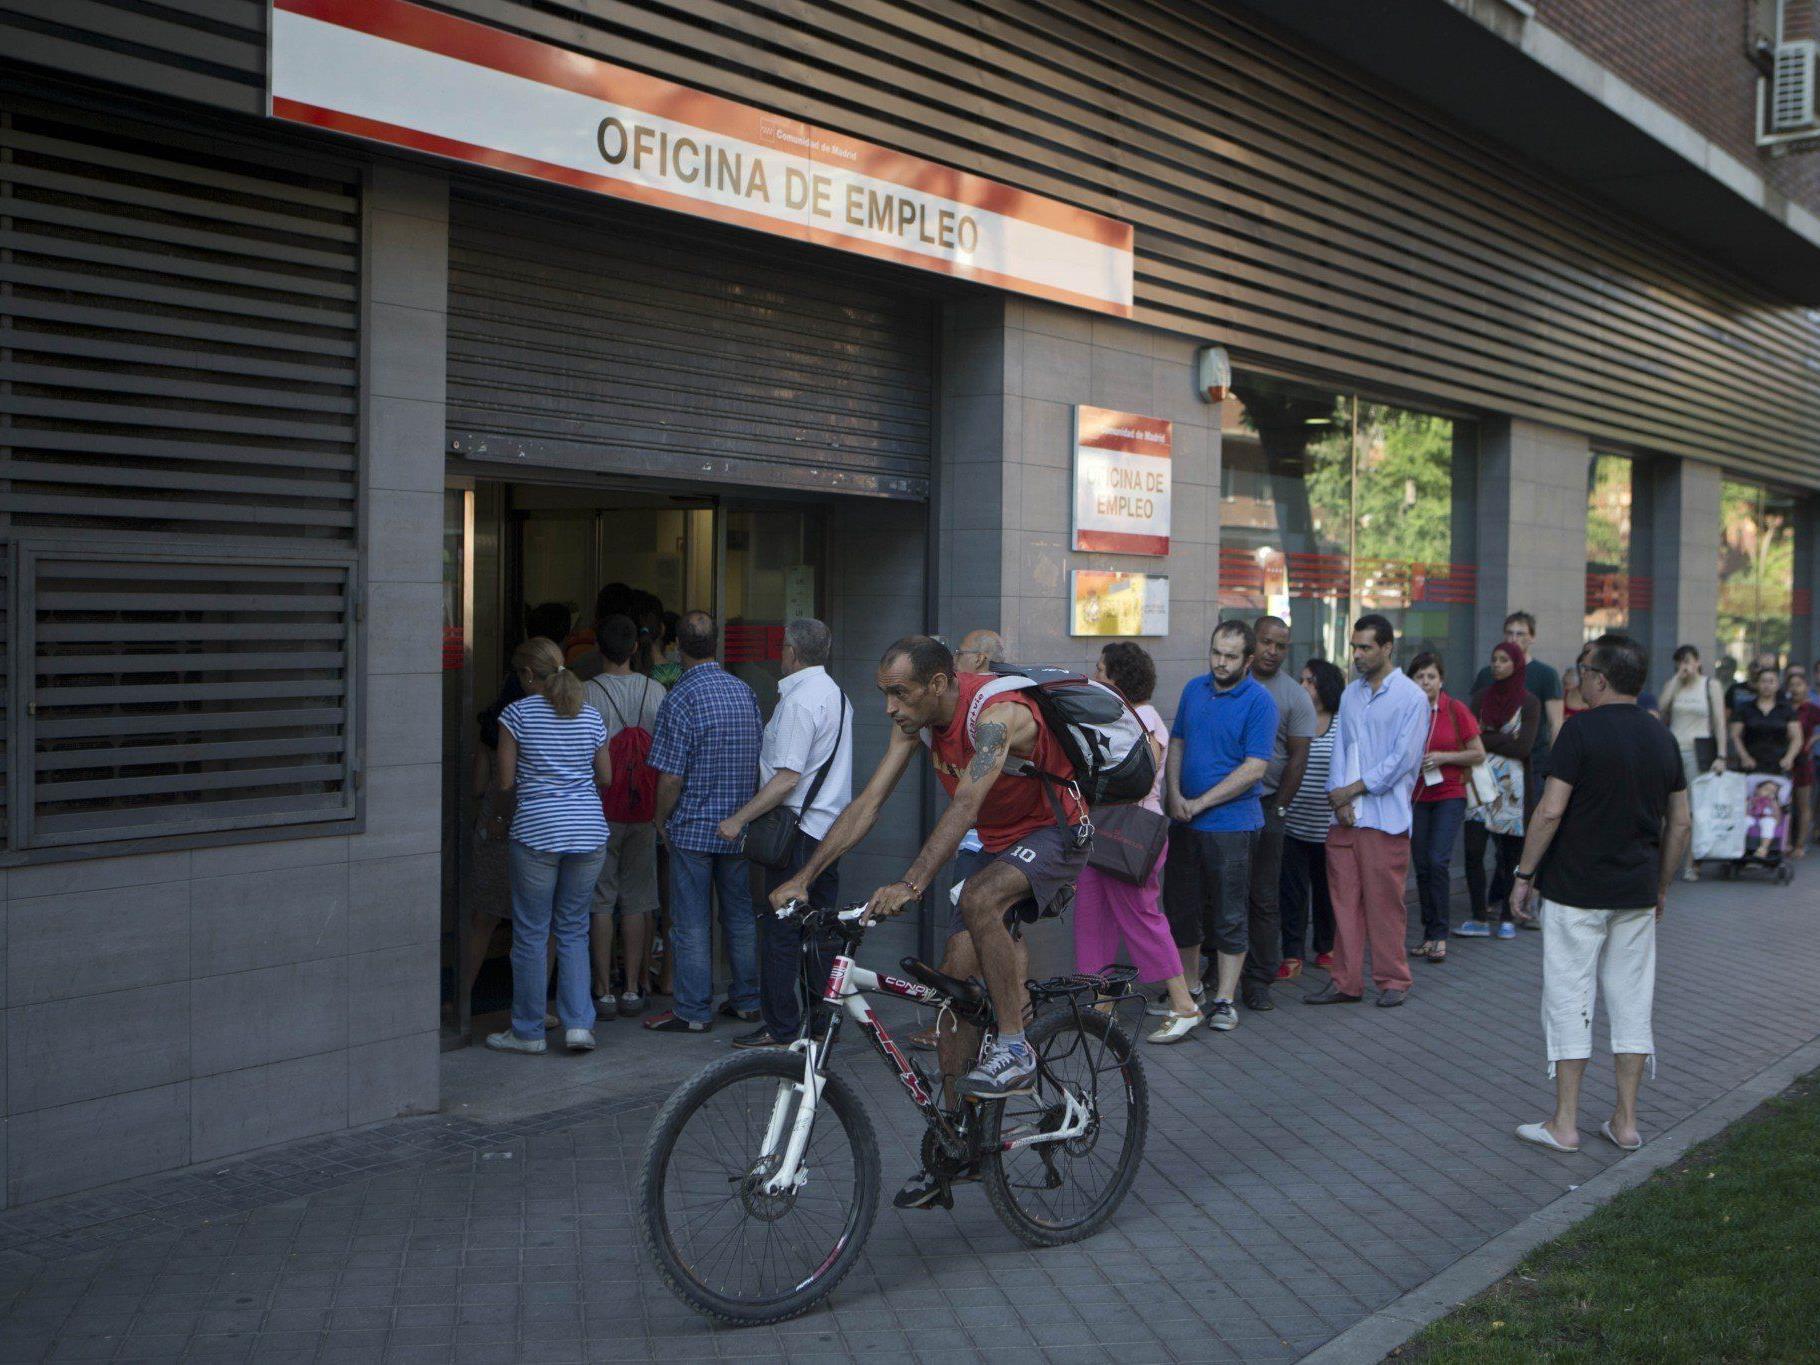 Die Arbeitslosenquote in Spanien ist im letzten Quartal überraschen stark gesunken.